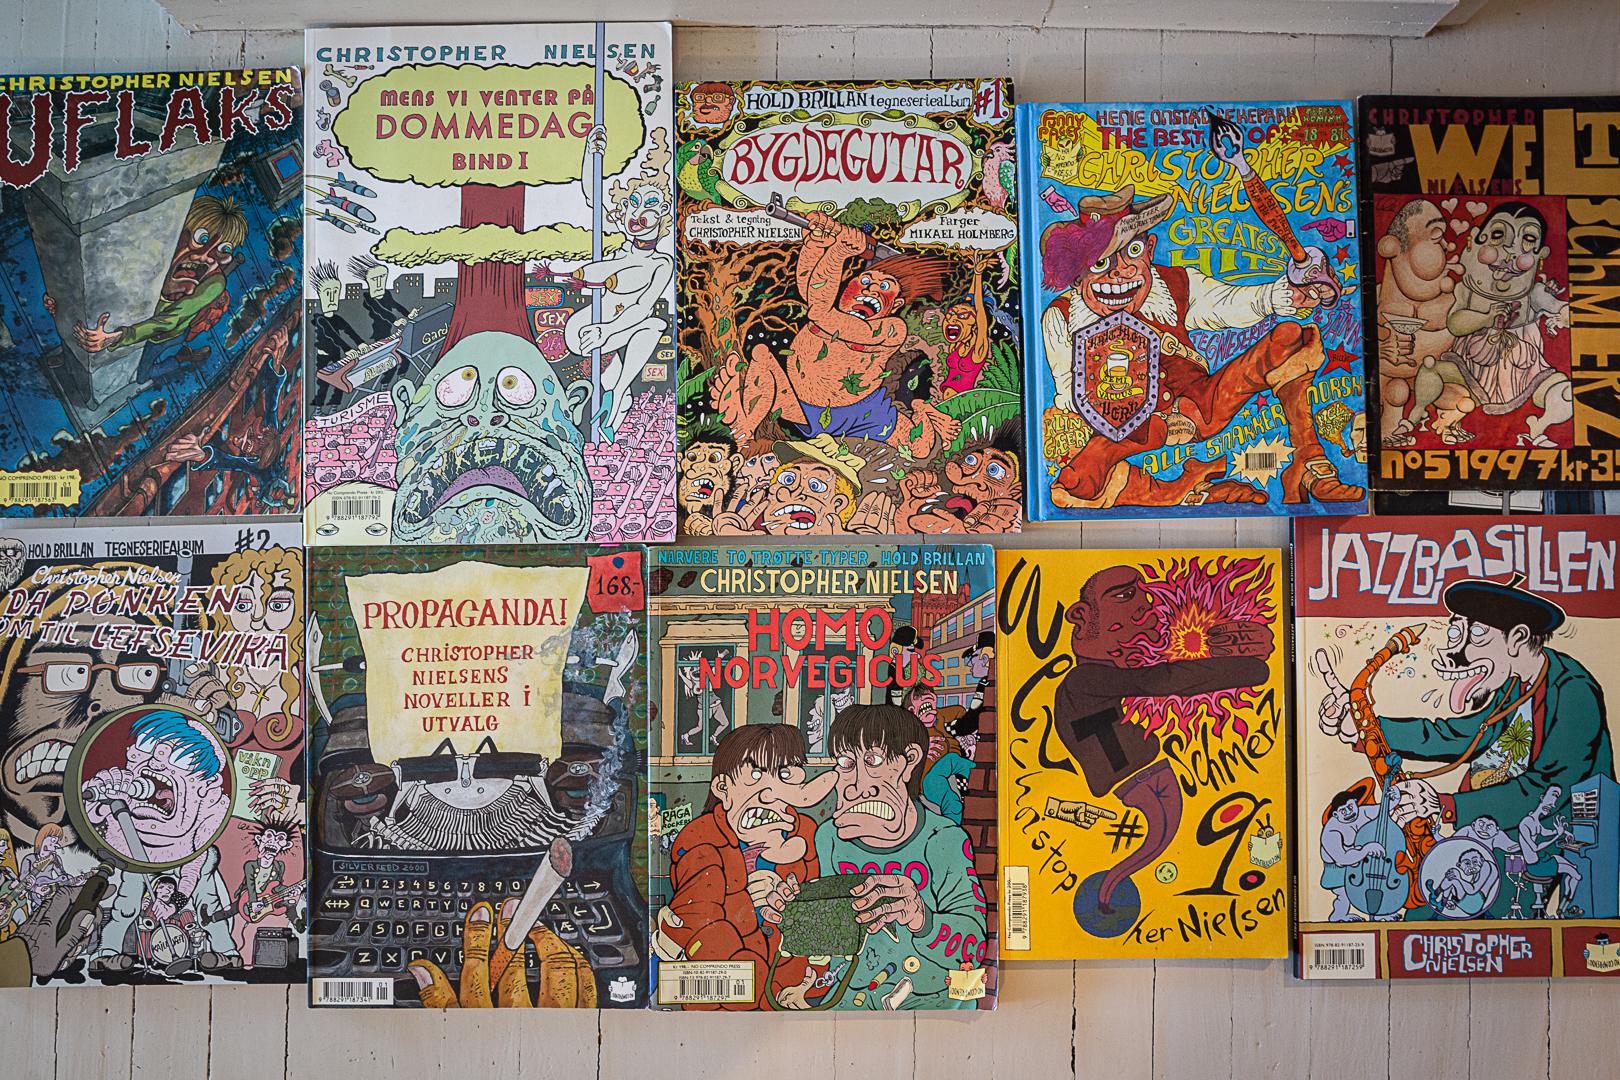 Foto av omslagene til mange av Christopher Nielsens tegneserier